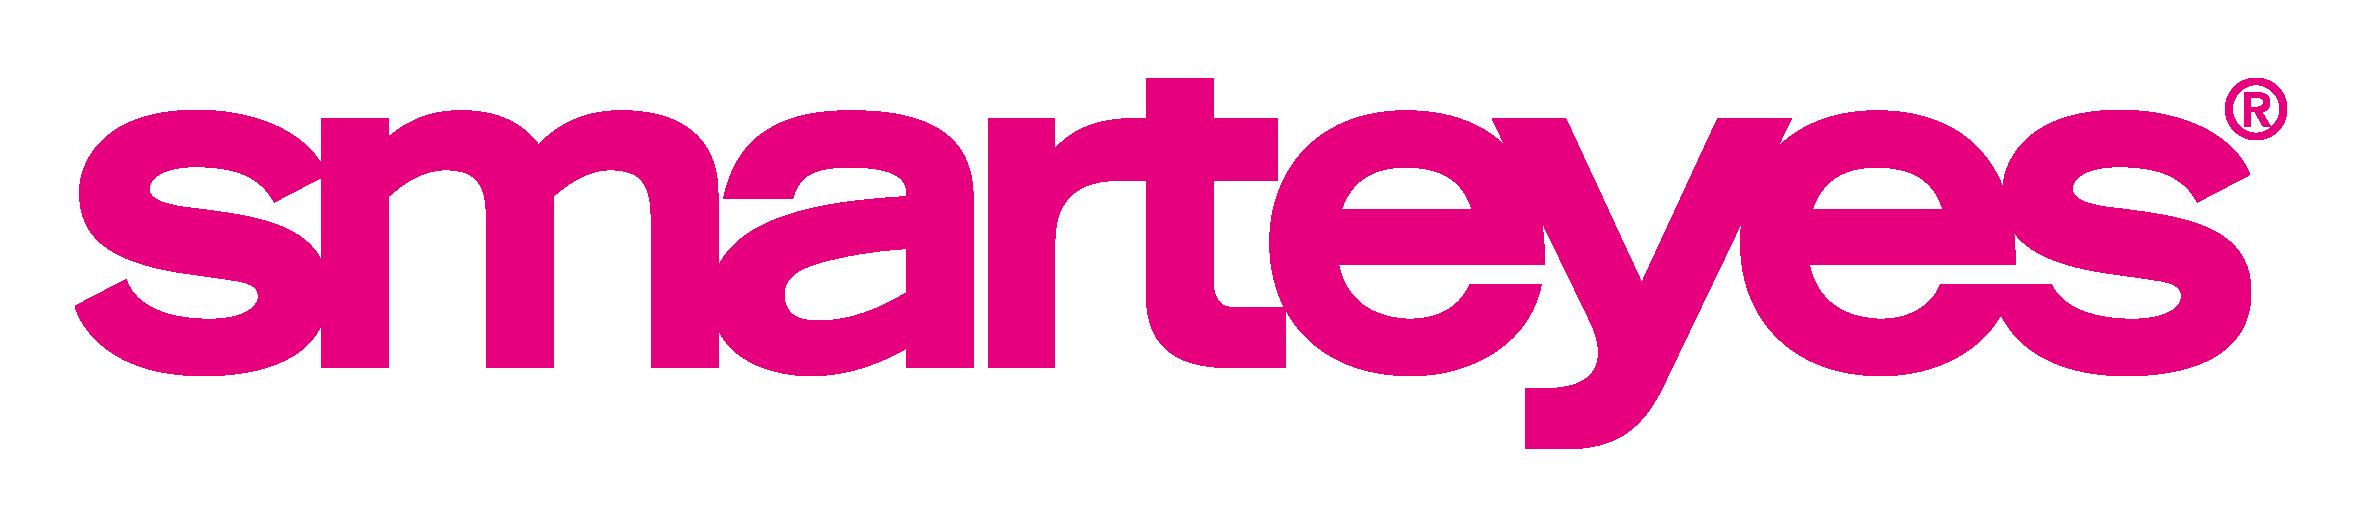 Fritlagt logo